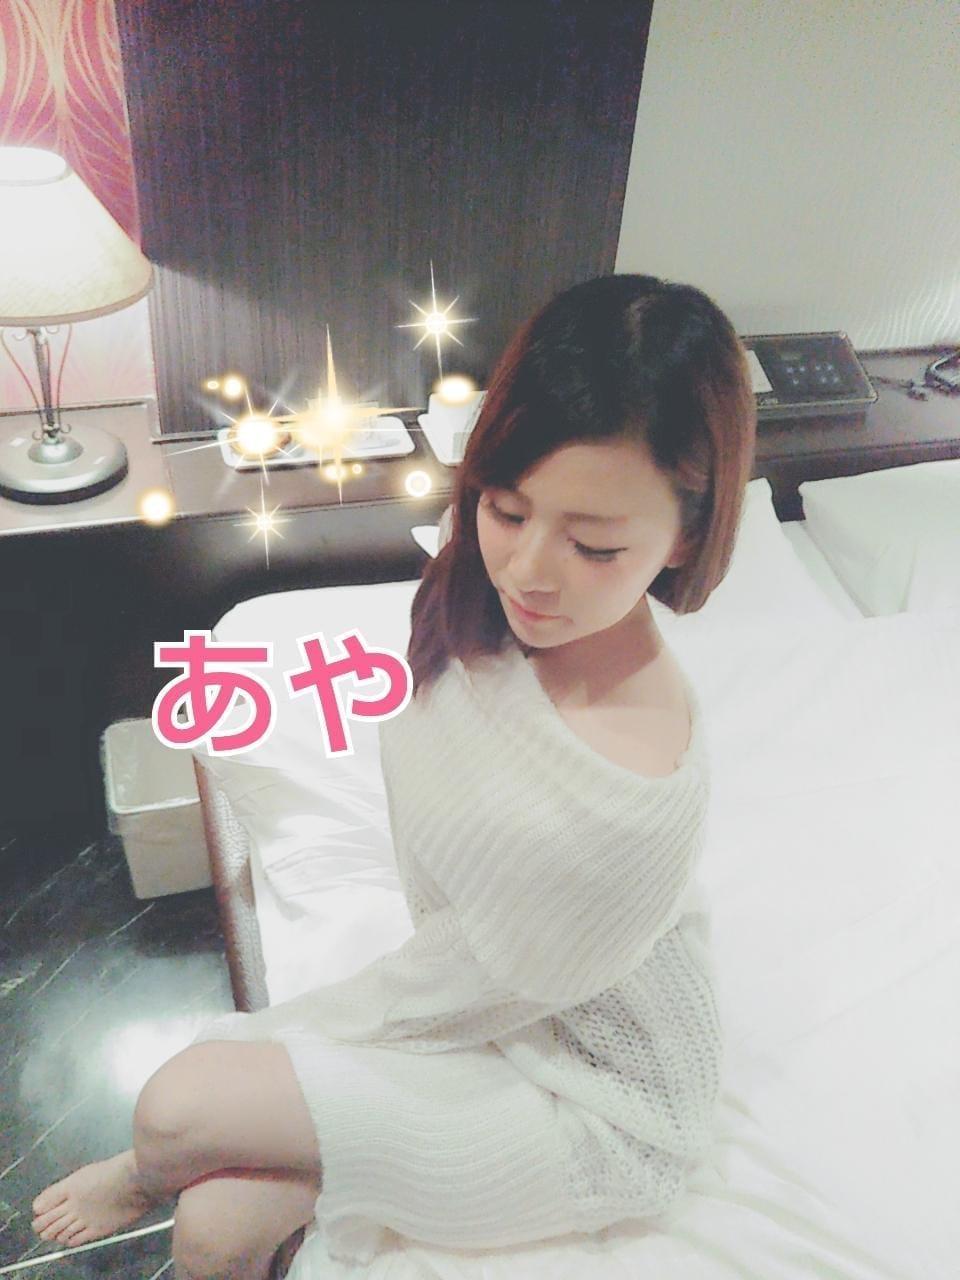 「出勤♪」11/18(11/18) 19:40 | あや☆キレカワお姉さまの写メ・風俗動画